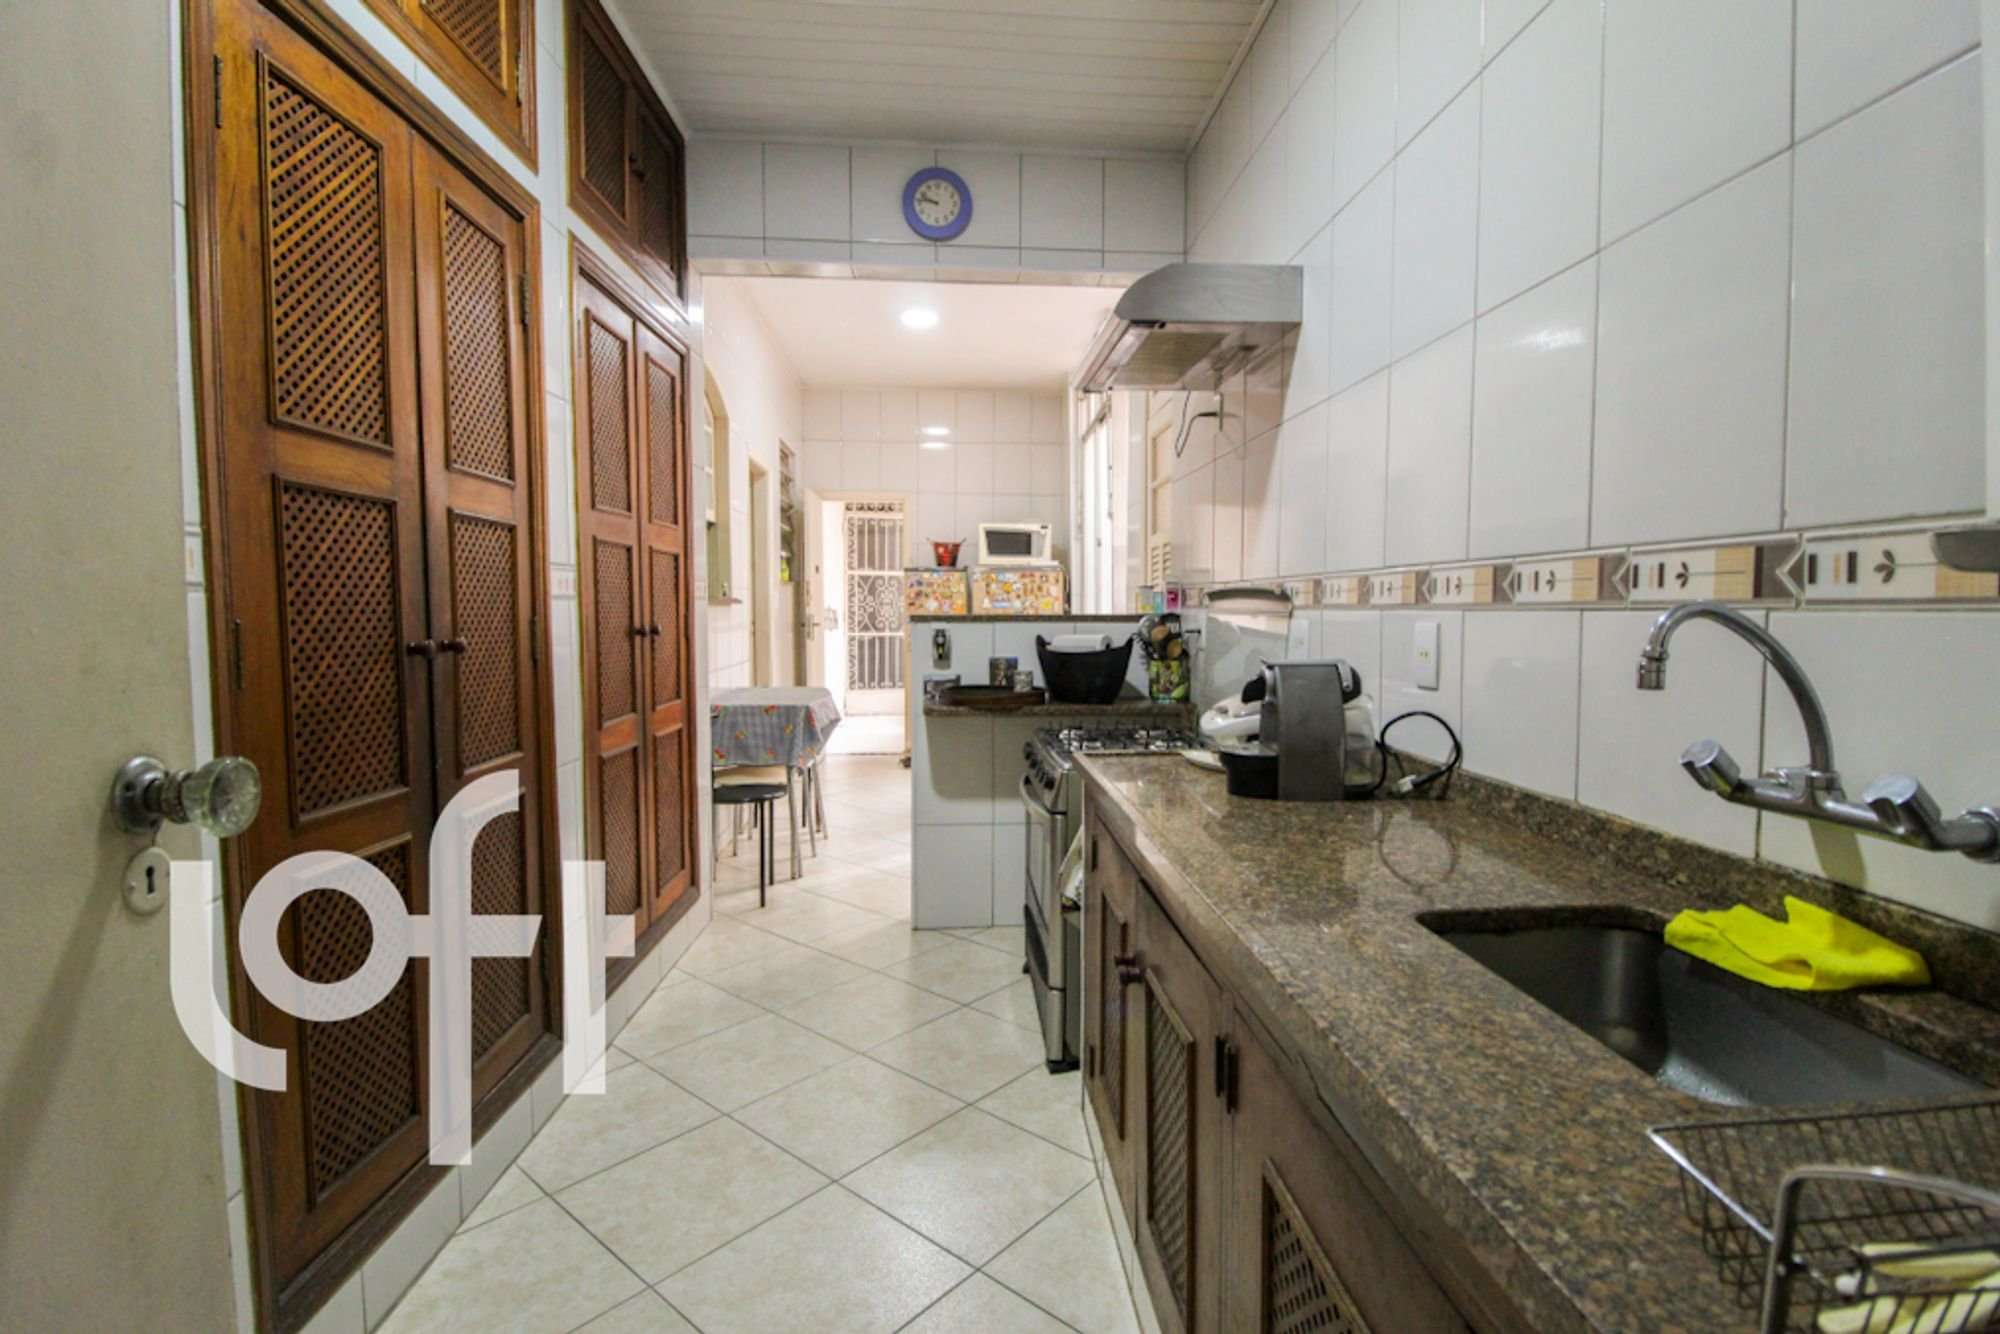 Foto de Cozinha com forno, televisão, cadeira